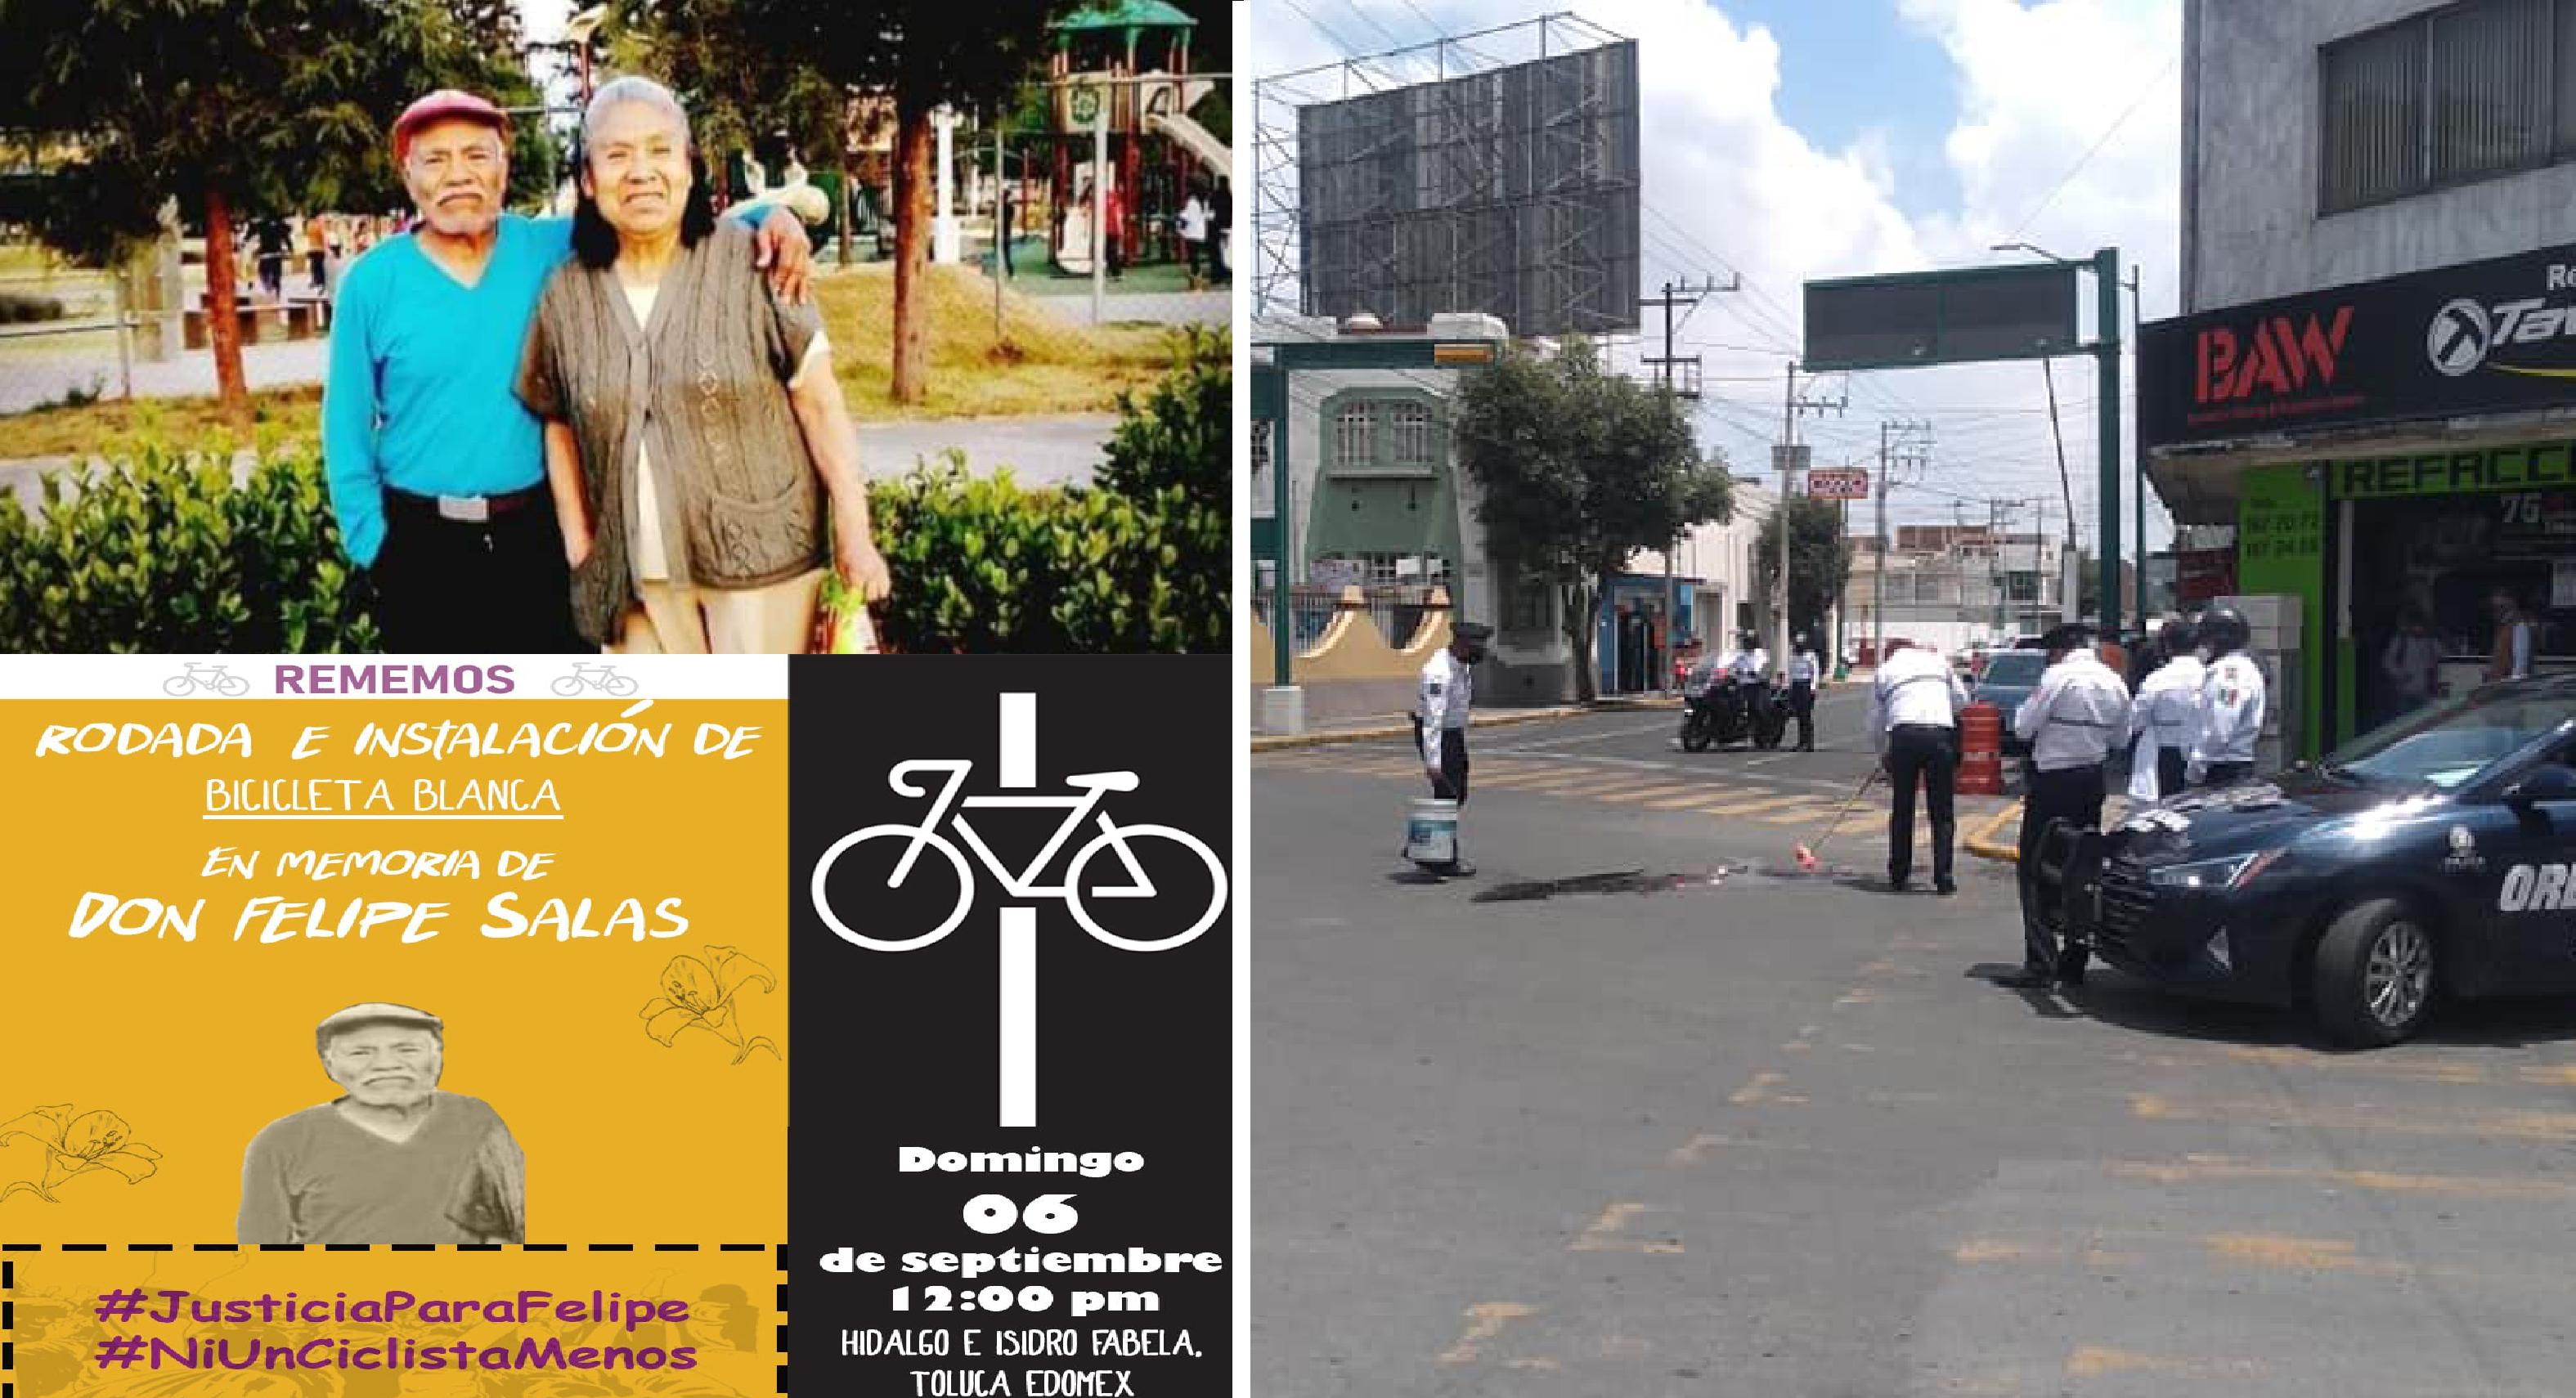 Ciclistas convocan una rodada en memoria de Felipe Salas